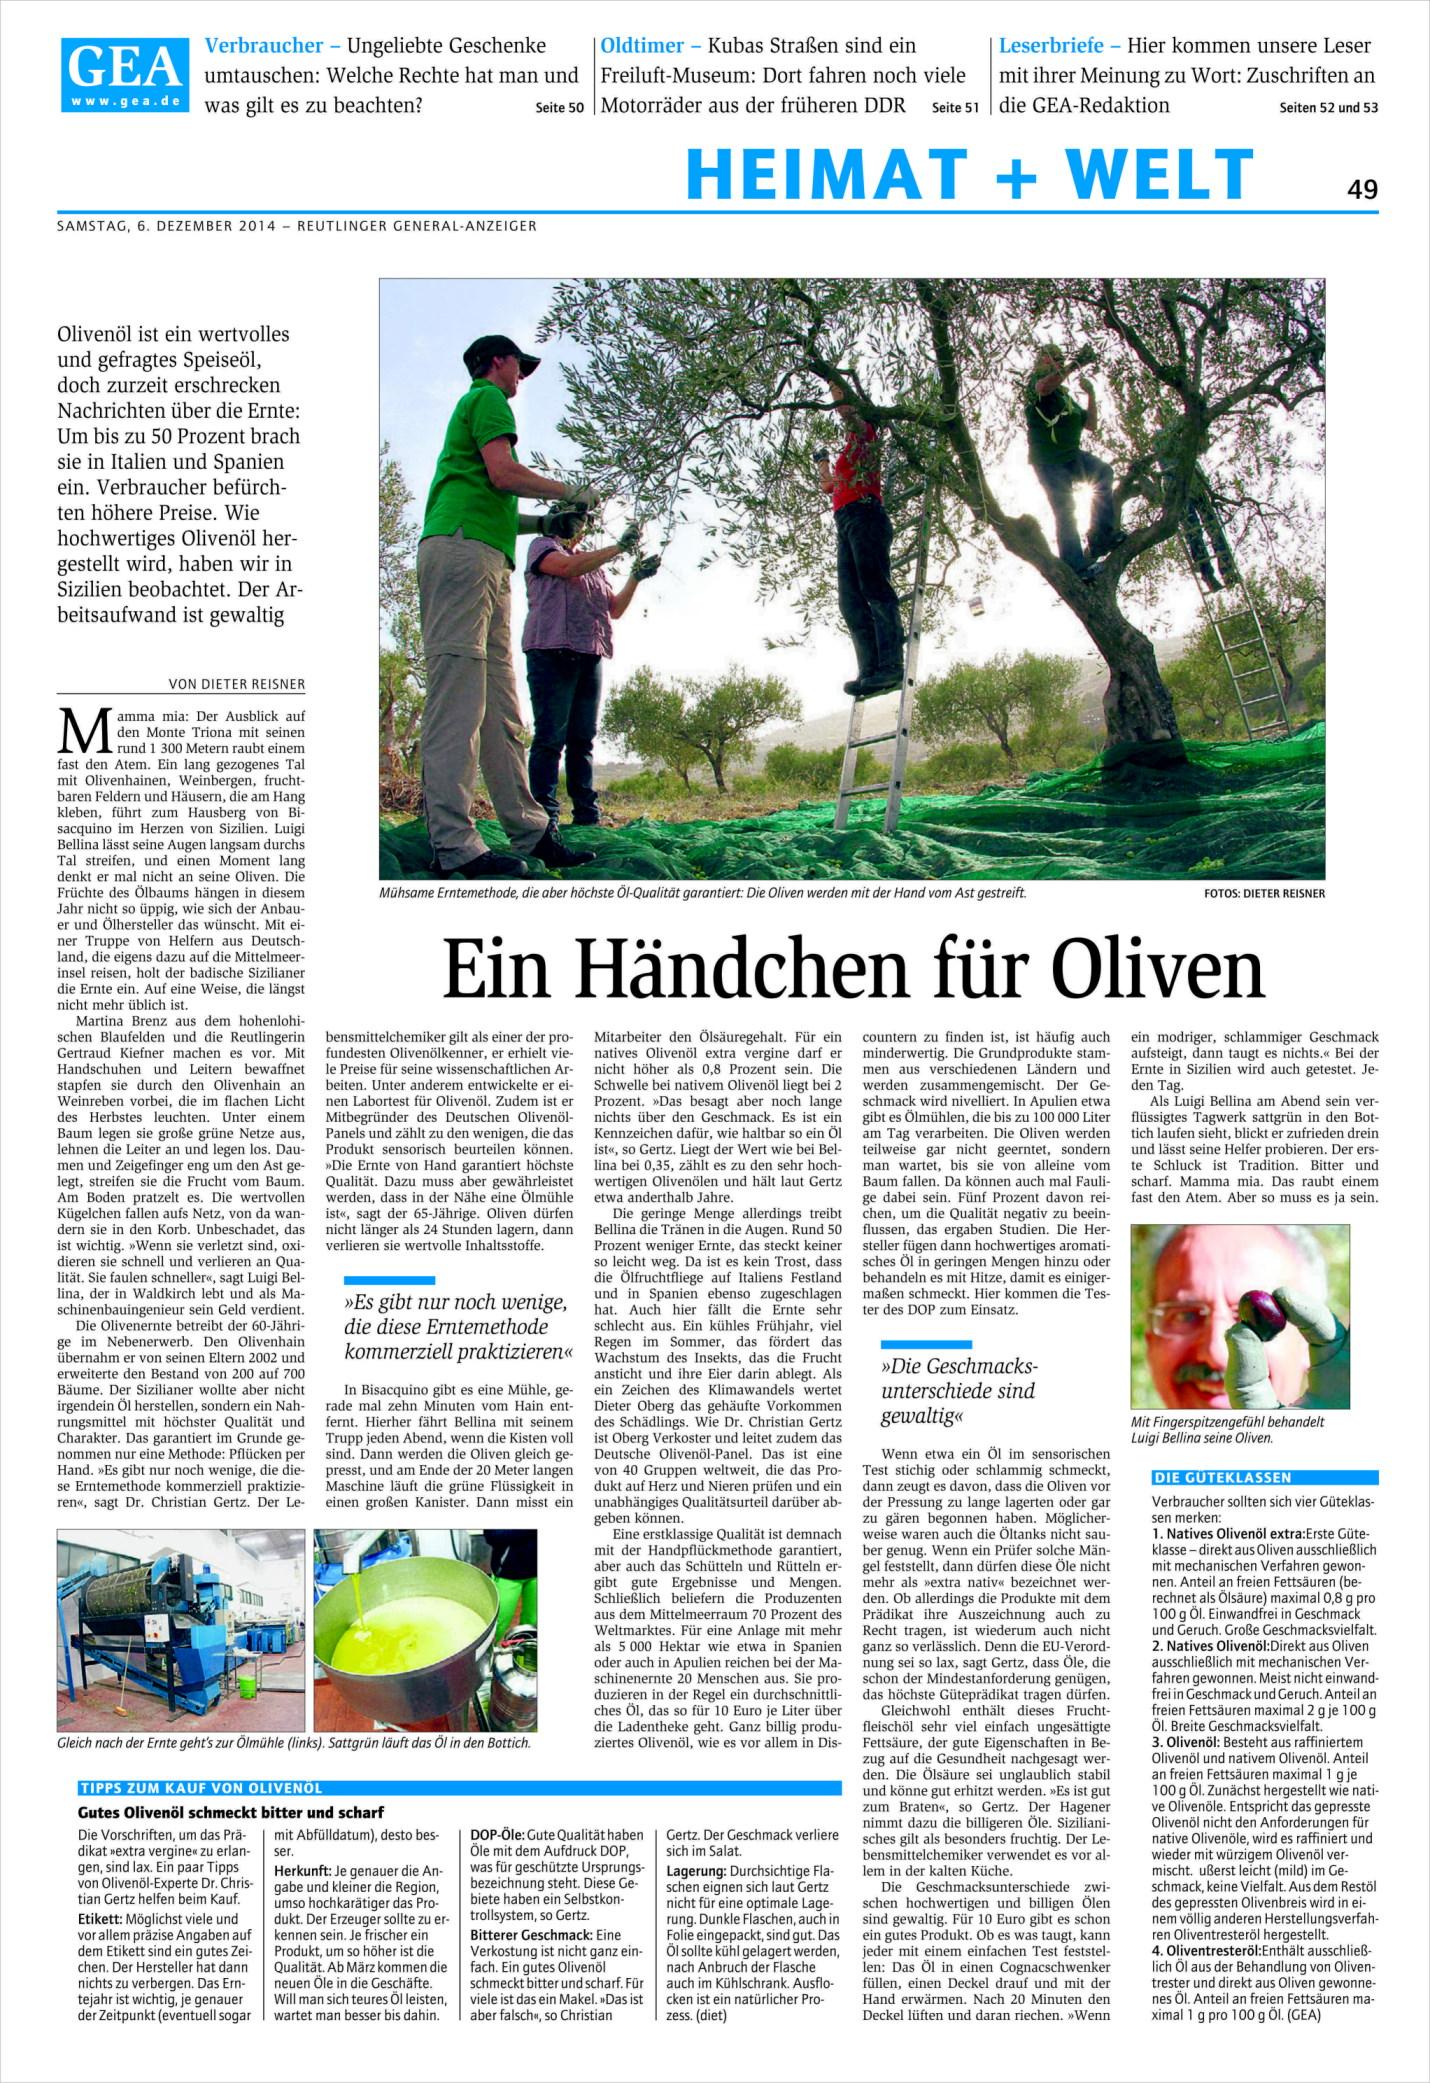 2014-12-06_GEA-Heimat_und_Welt